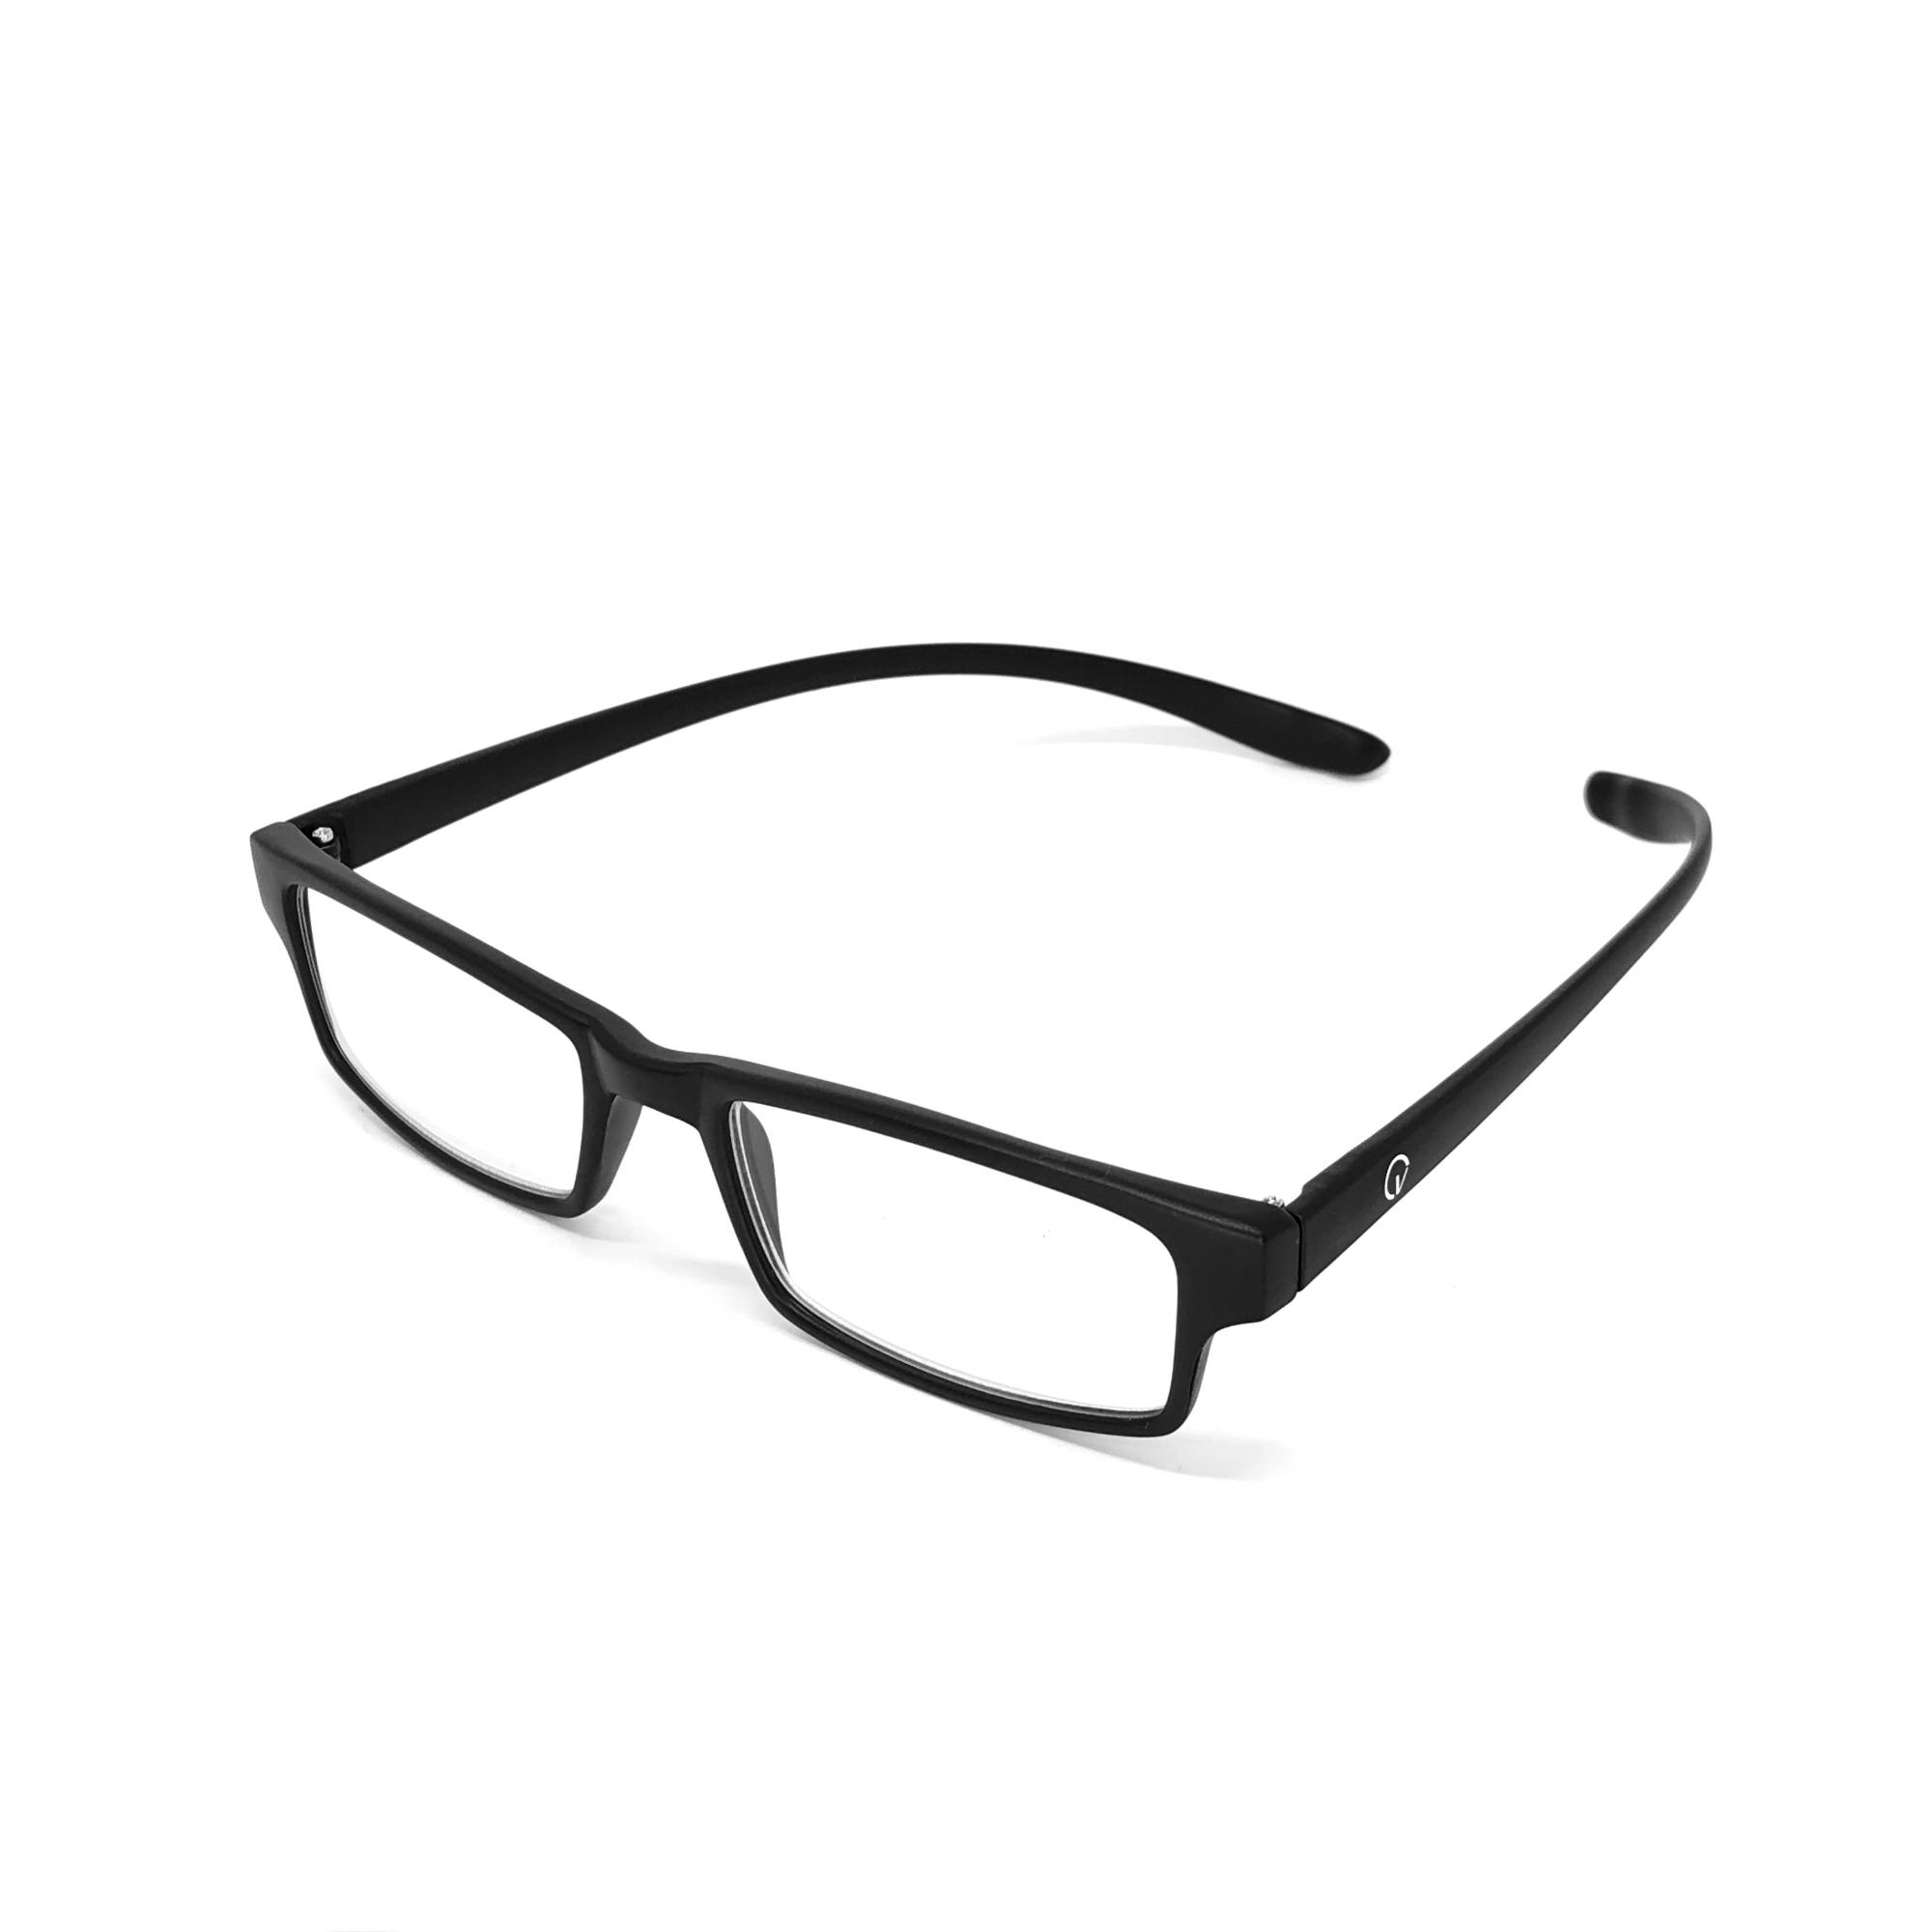 0869014 - Óculos Leitura Retangular Preto +2,50 - Contém 1 Peça